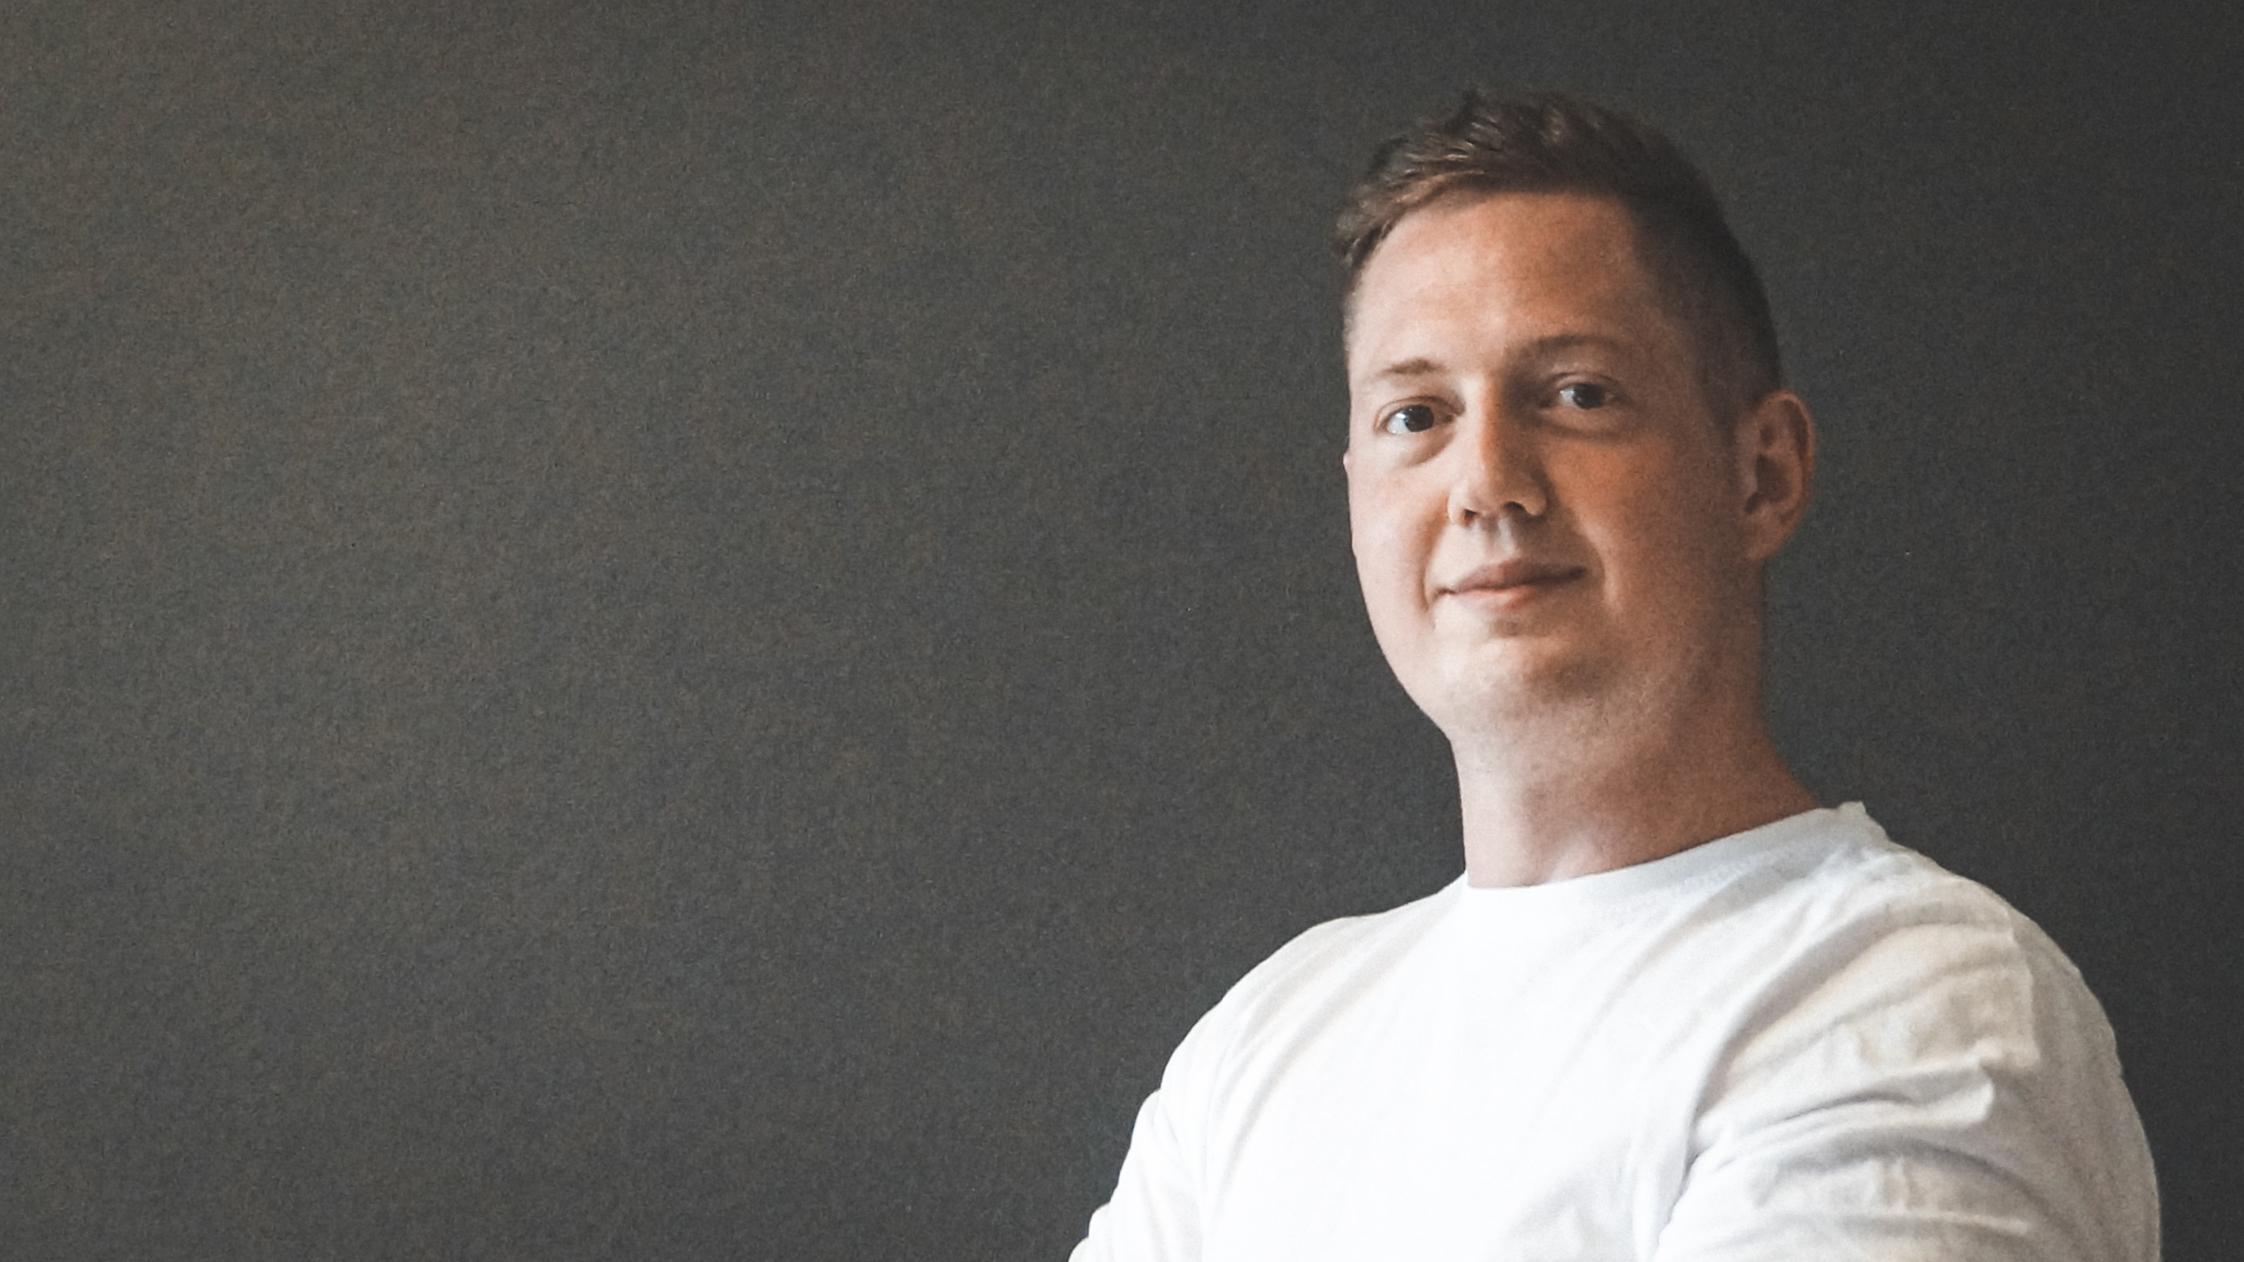 Profil billede af Bygningskonstruktør Kristian Ø. Pedersen